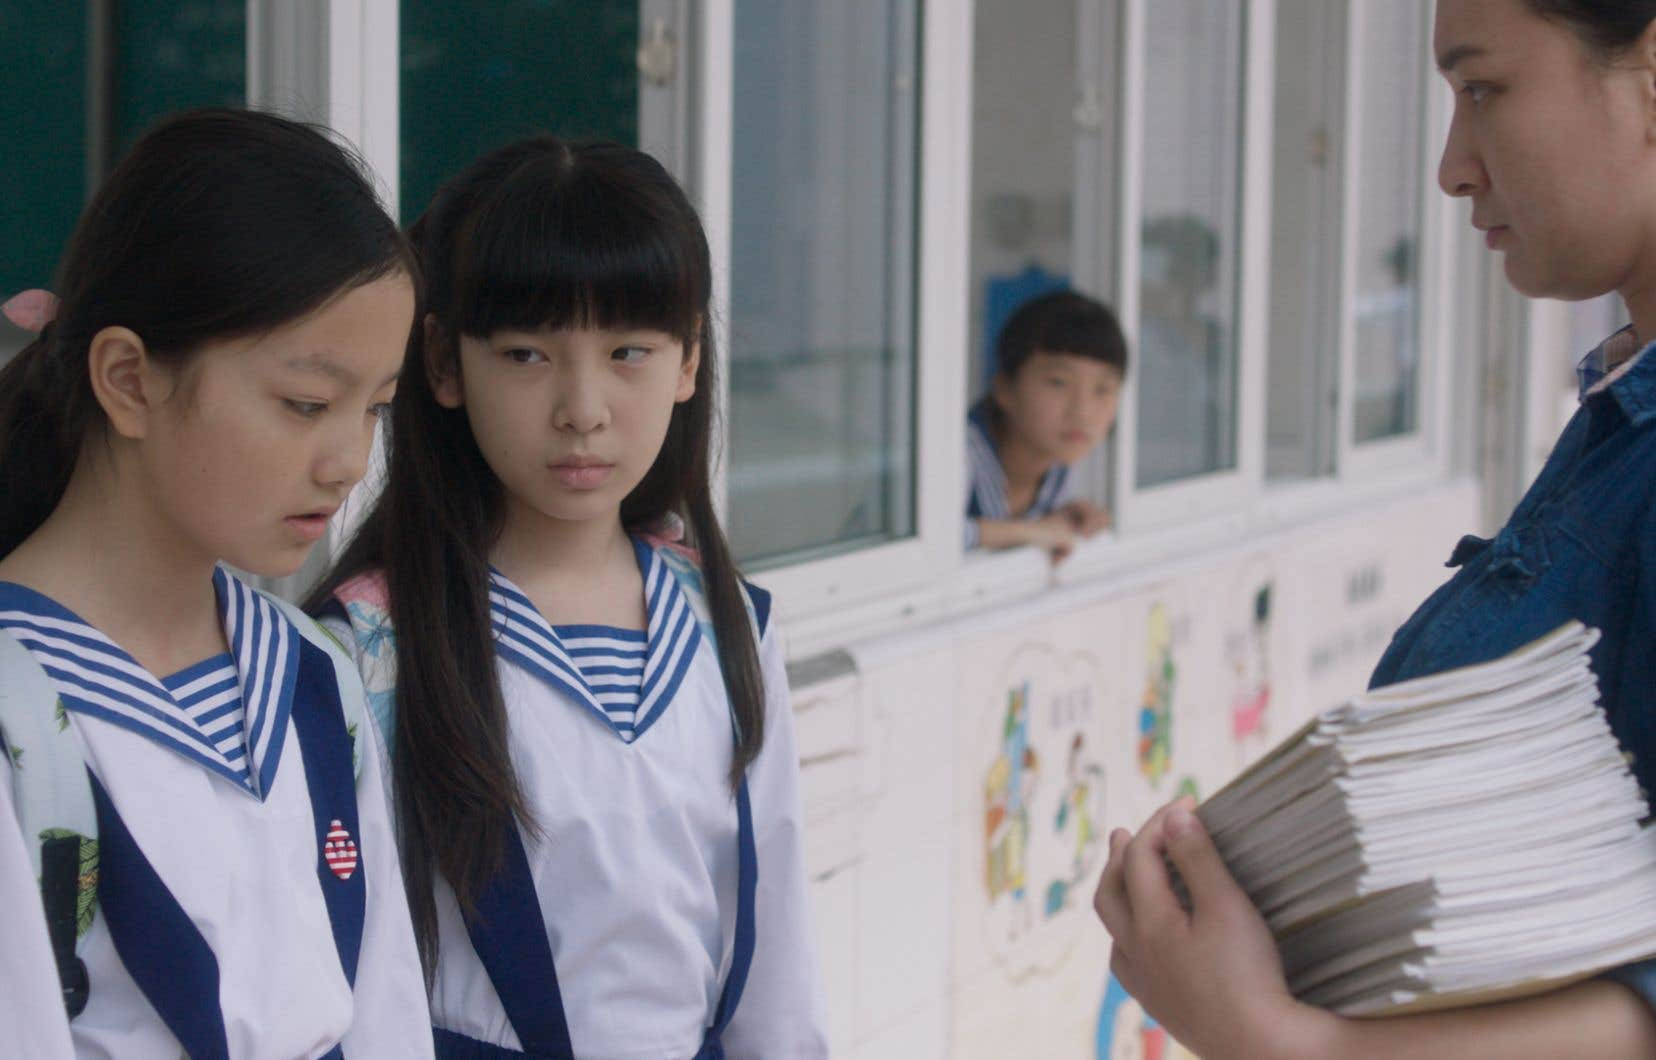 Deux enfants, Wen et Xin, seront victimes d'une agression sexuelle dont sera témoin Mia, employée d'hôtel mineure et sans papiers, dans ce drame fin sur fond de station balnéaire qui sonde le rapport de sa société à la féminité.